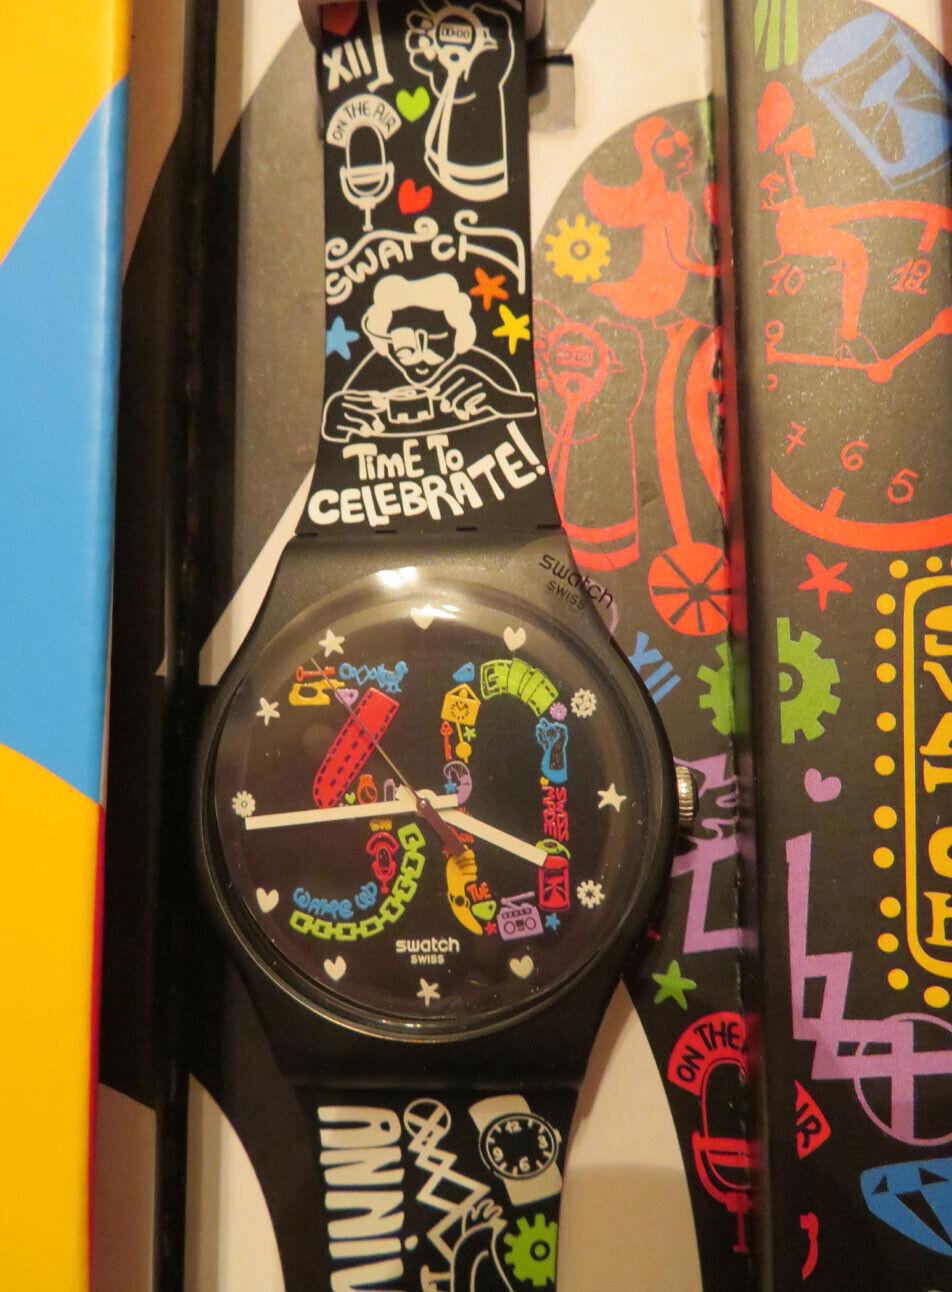 Стоимость клуб часы в воронеже няни стоимость часа работы